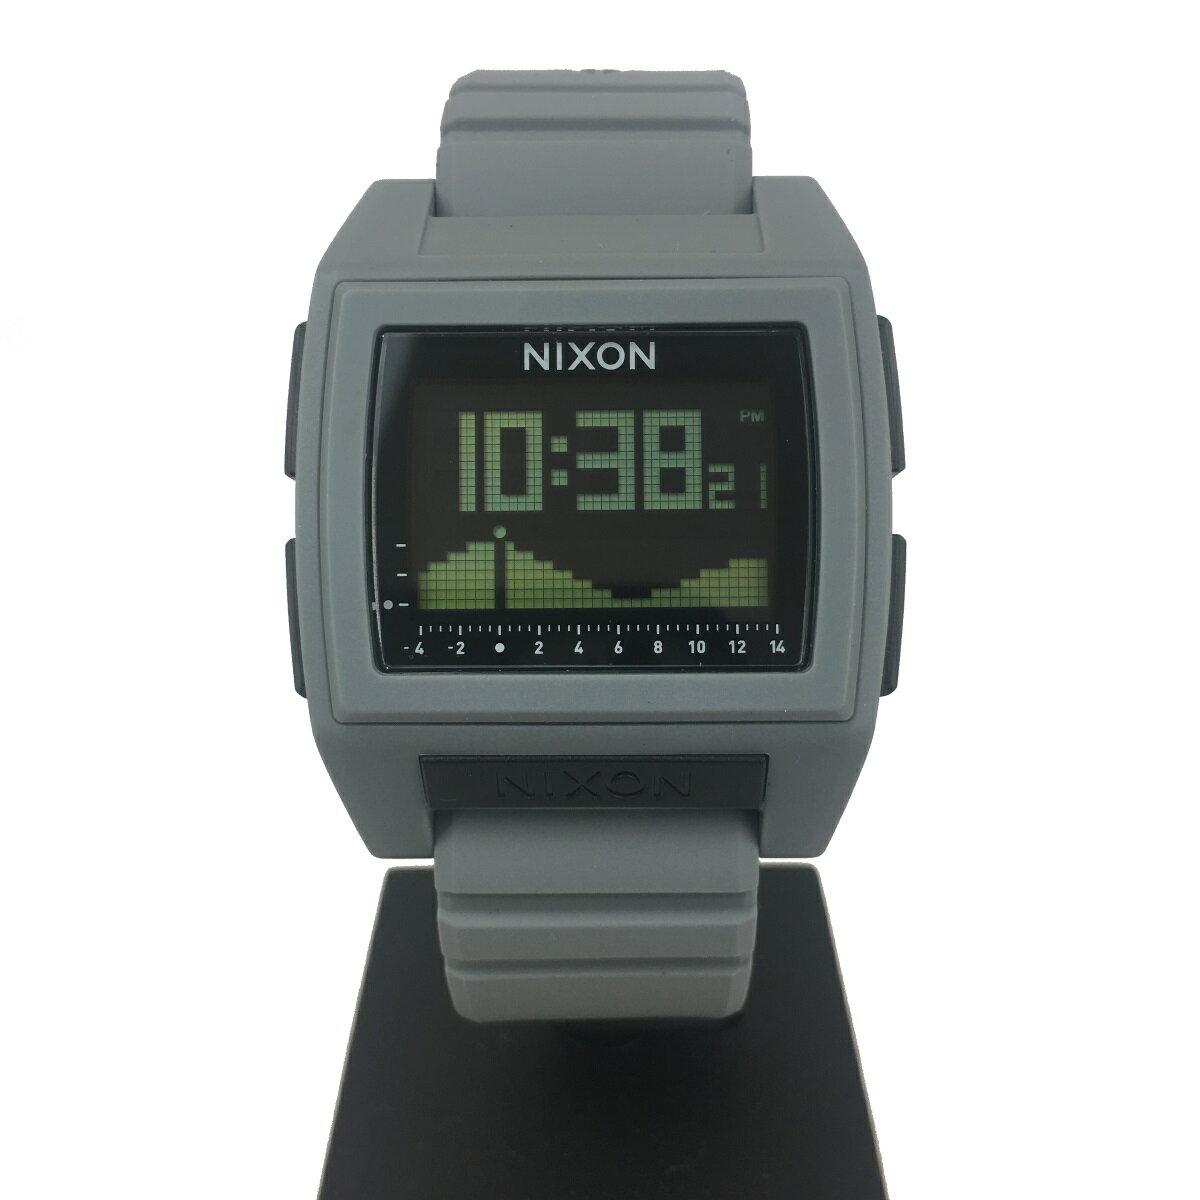 【500円割引クーポン!】 ニクソン 腕時計 NA1212145 [正規3年保証] メンズ NIXON 時計 THE BASE TIDE PRO メンズ nixon 入学祝い 誕生日 彼氏 プレゼント おしゃれ ブランド おすすめ 人気